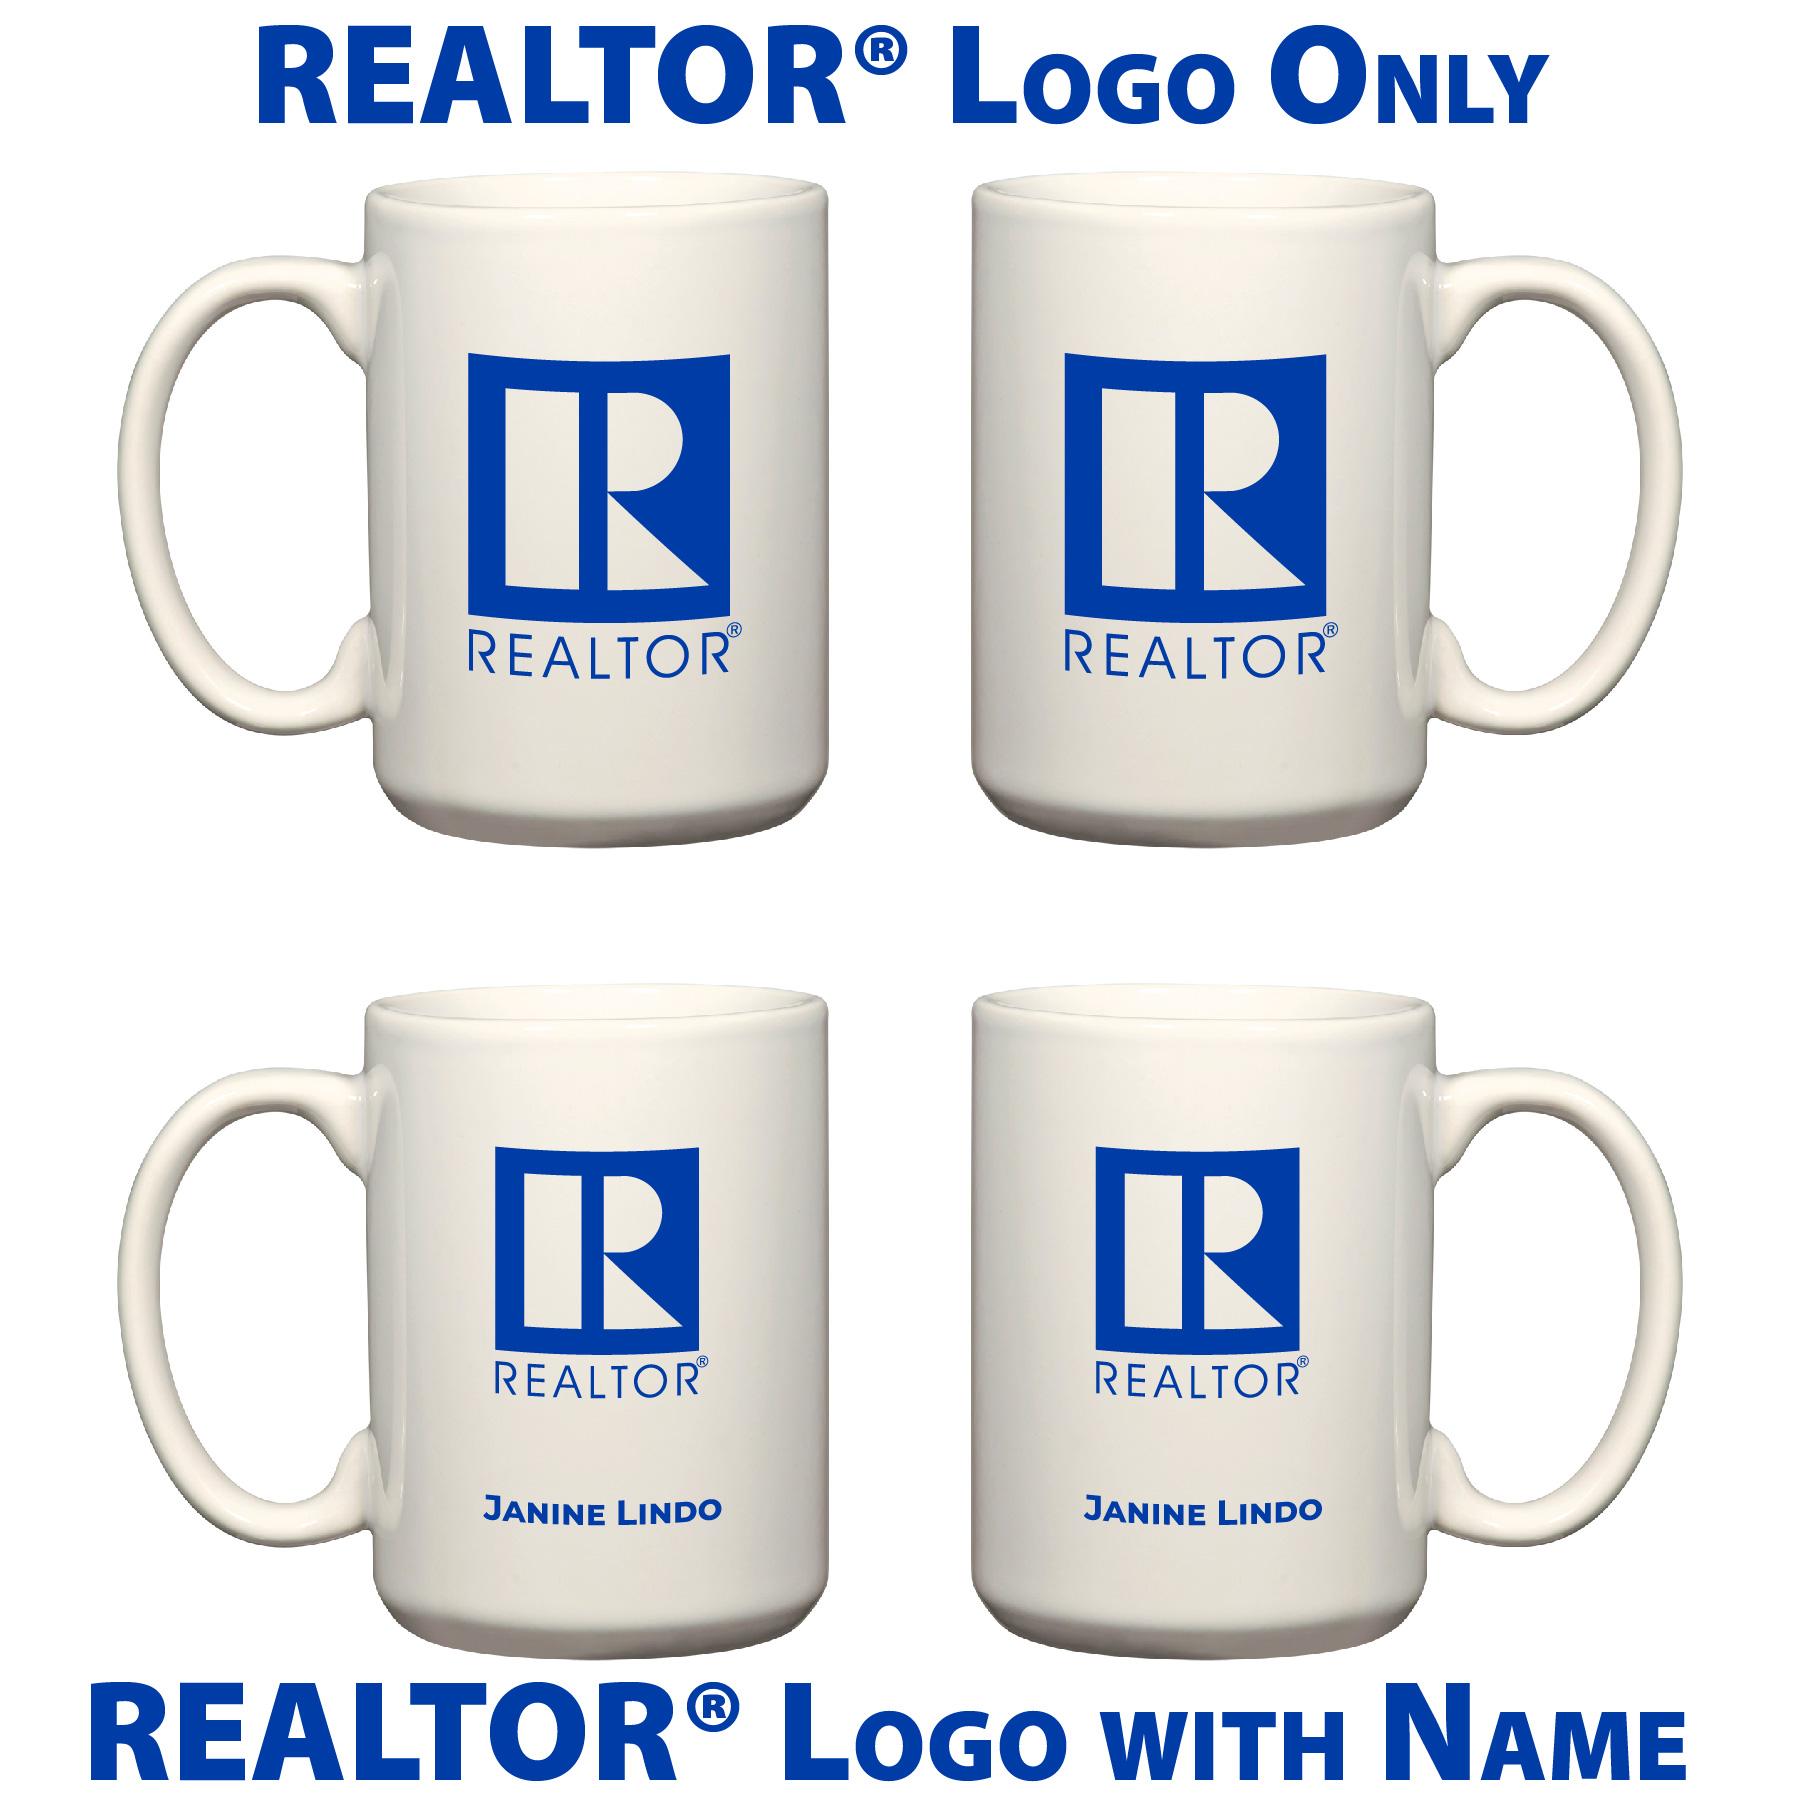 REALTOR® Ceramic Mug - White - RTS4911